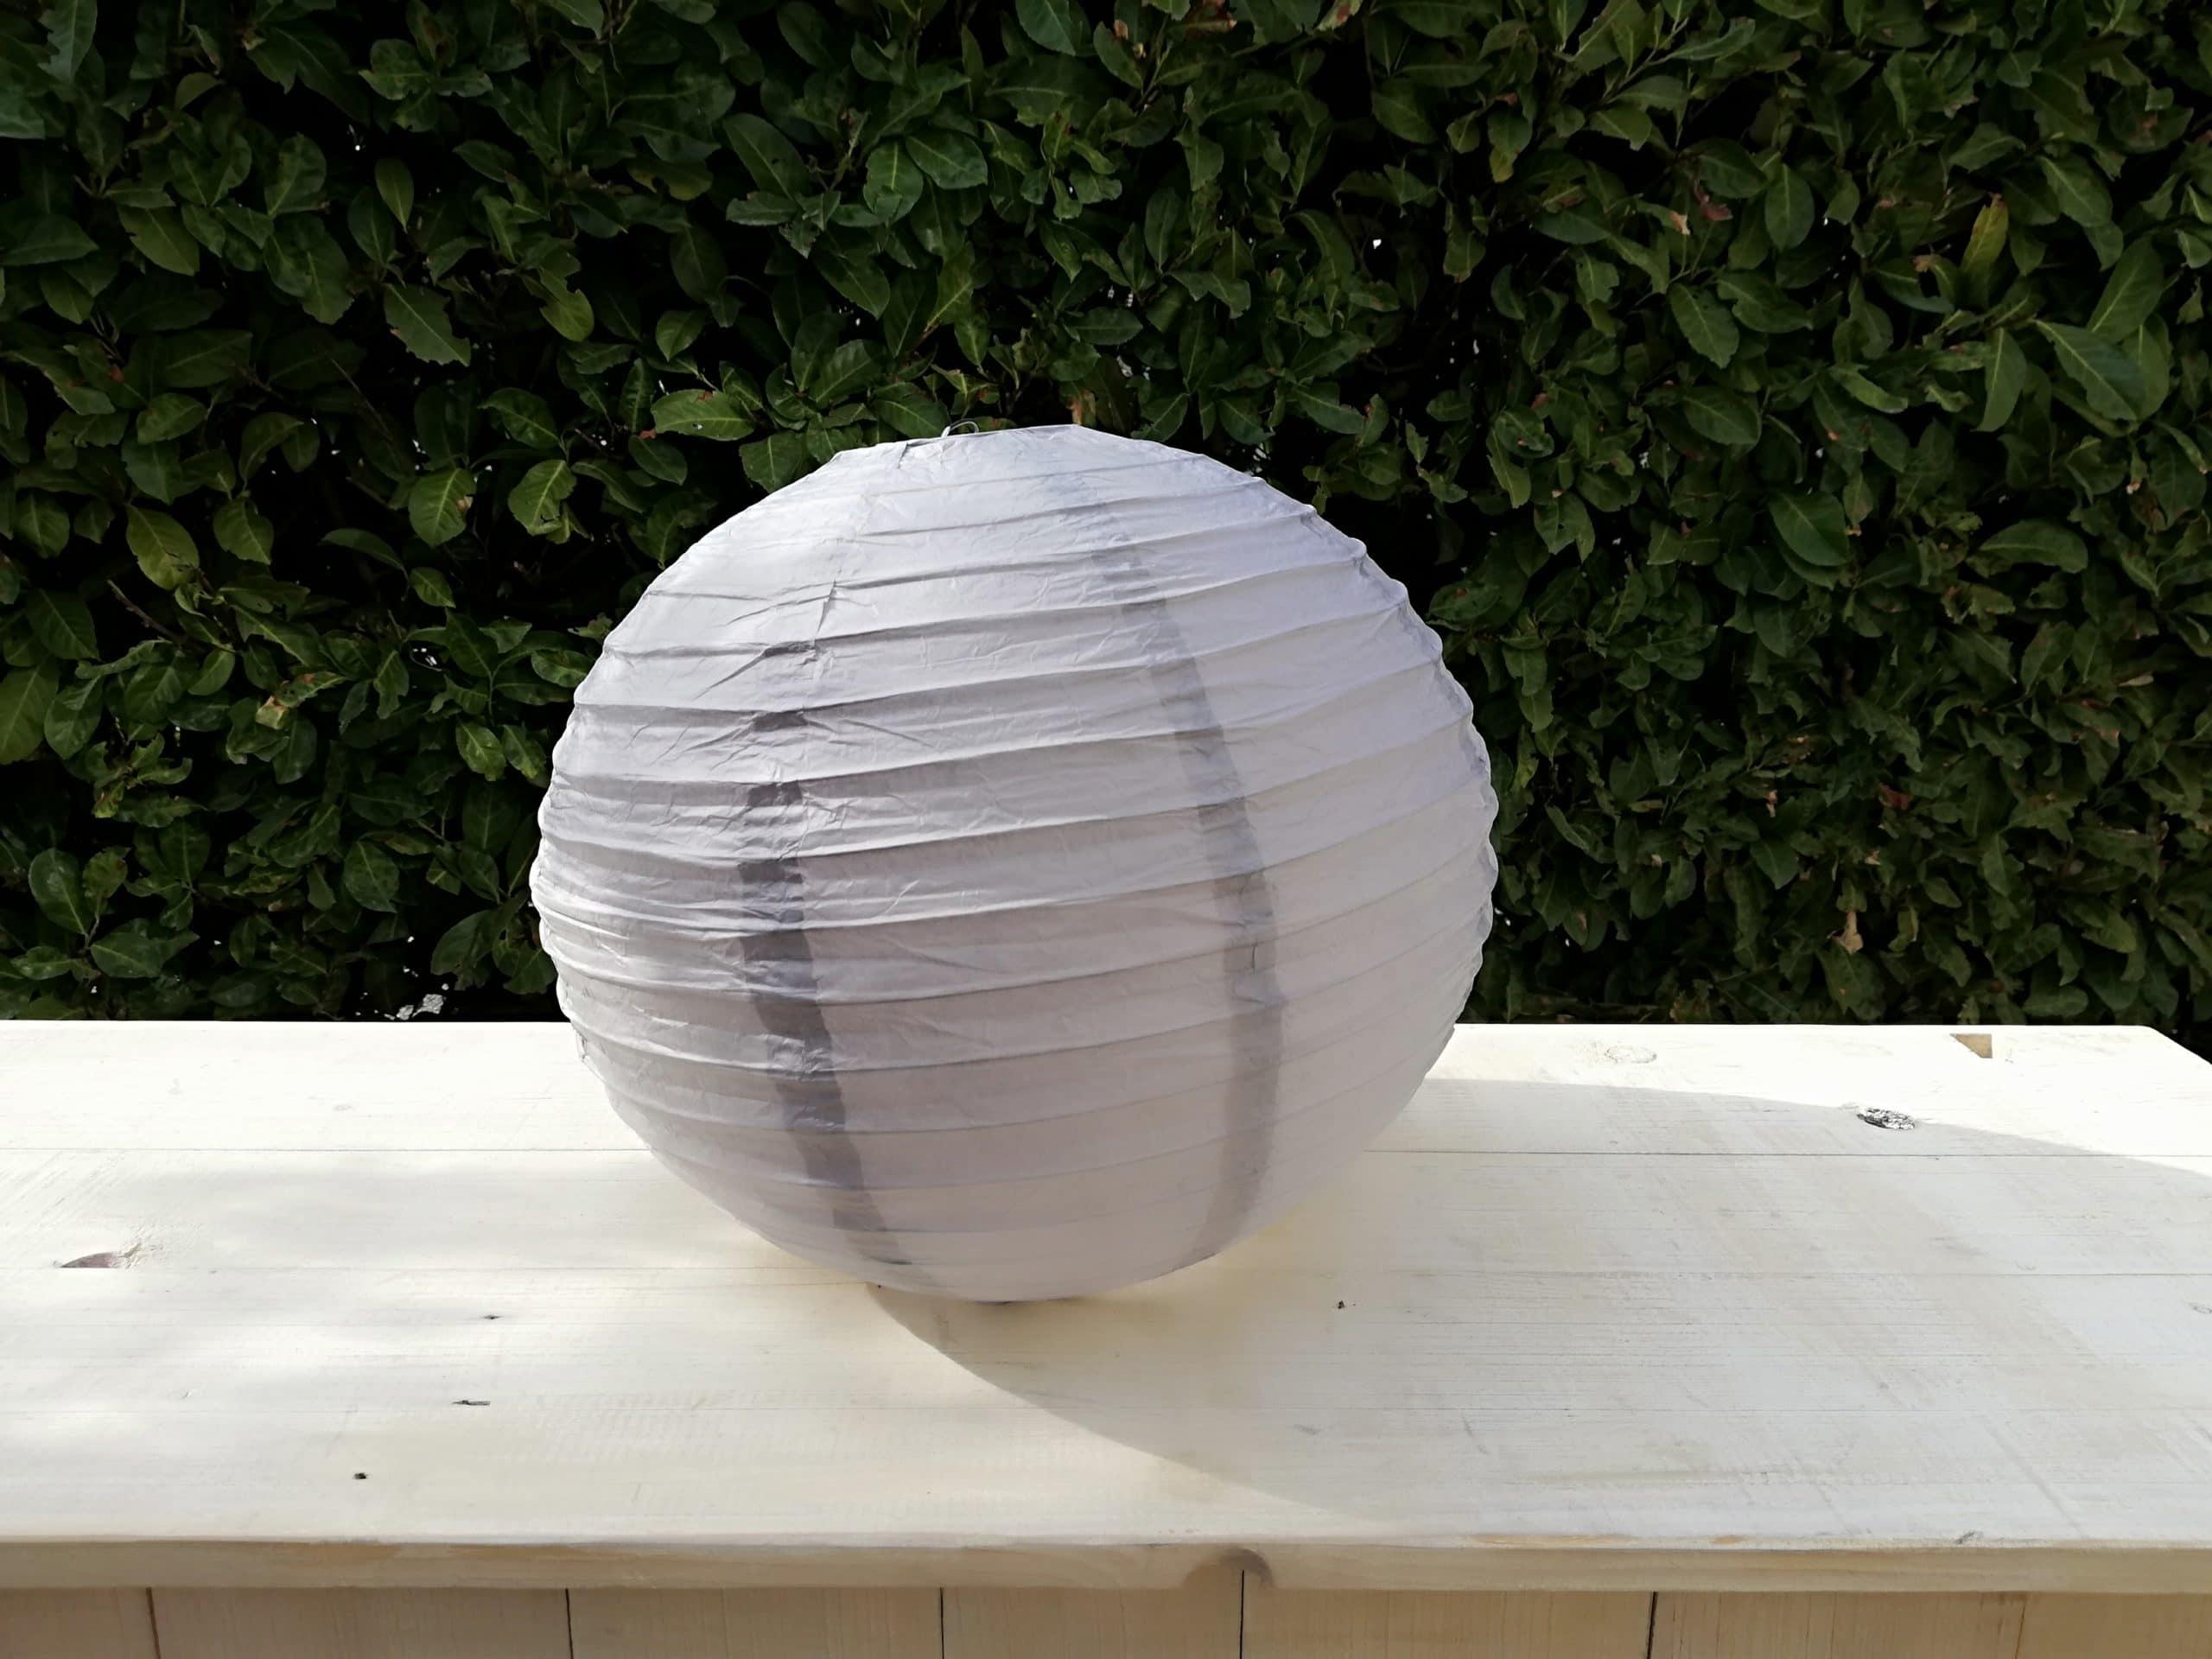 location de boules chinoises grises pour décoration de mariage proposées par esprit pop'up